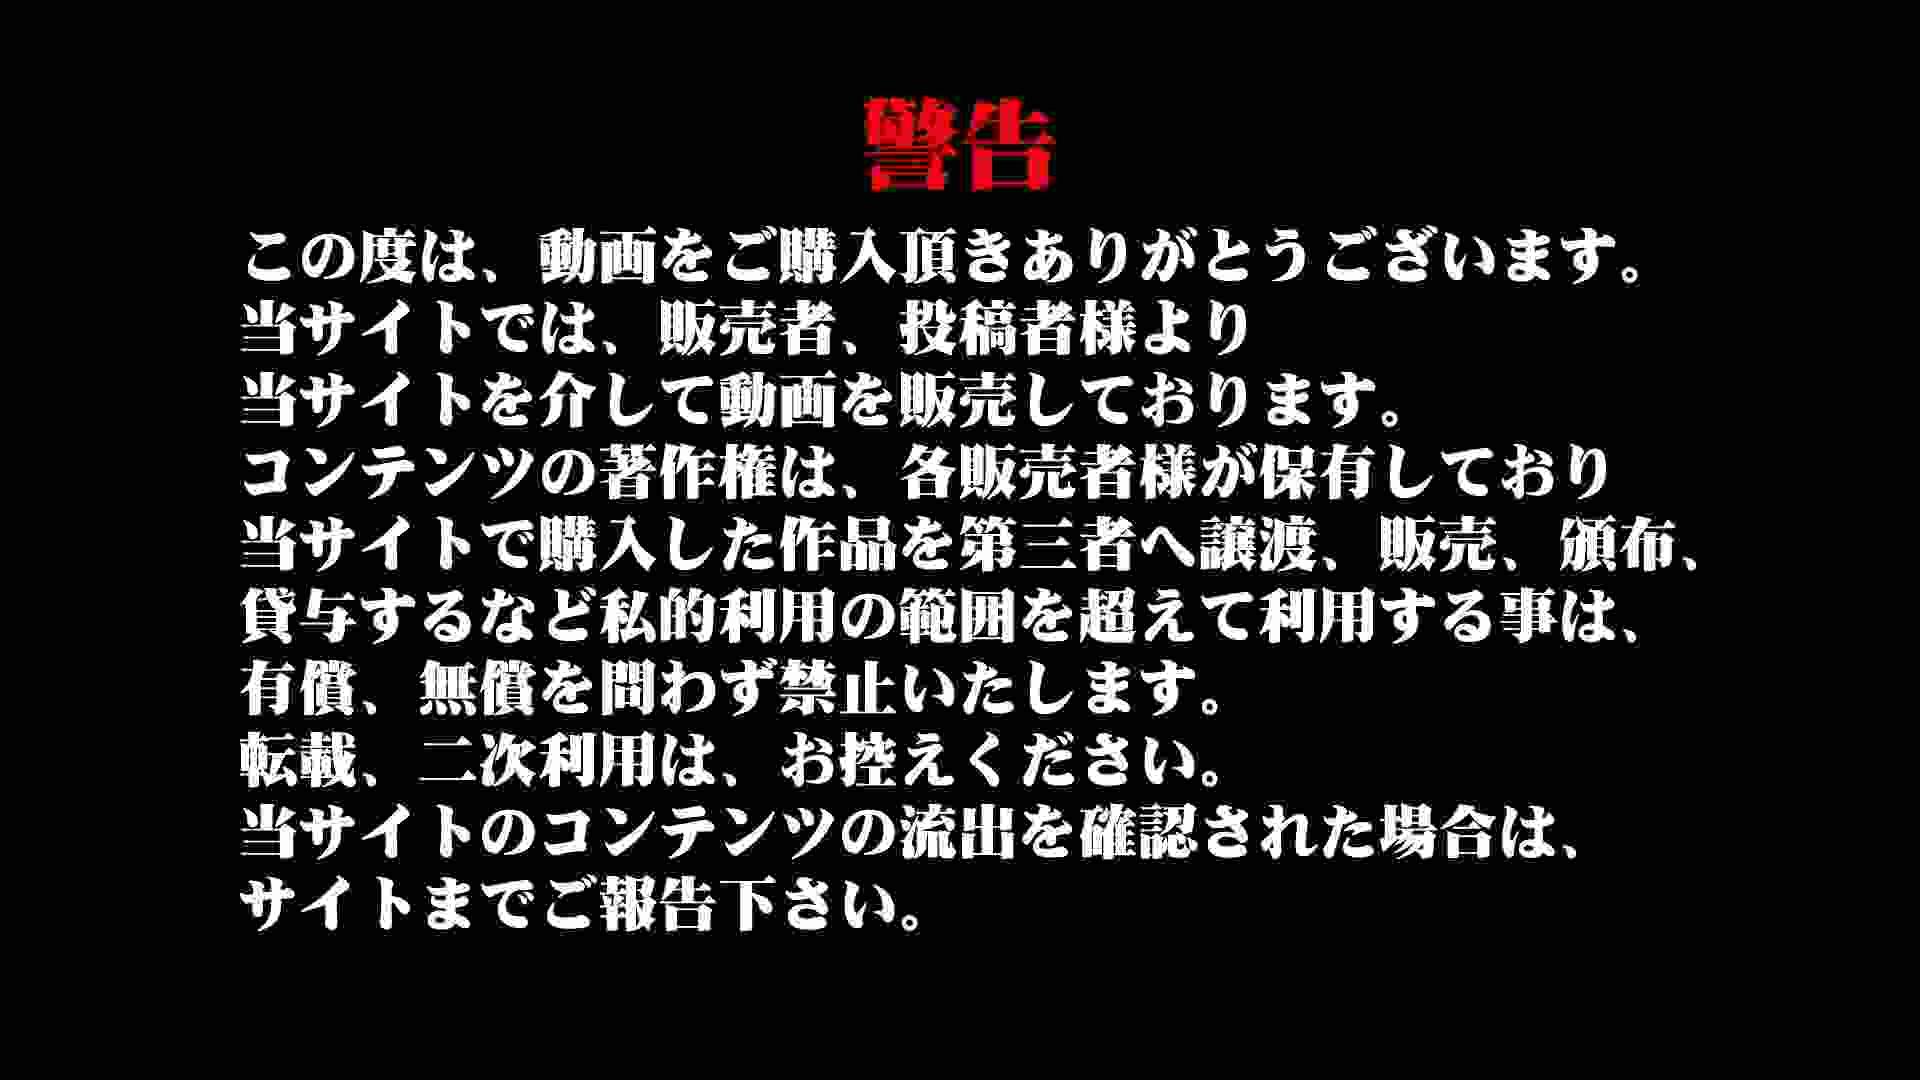 Aquaな露天風呂Vol.927 盗撮師作品 ぱこり動画紹介 87pic 29